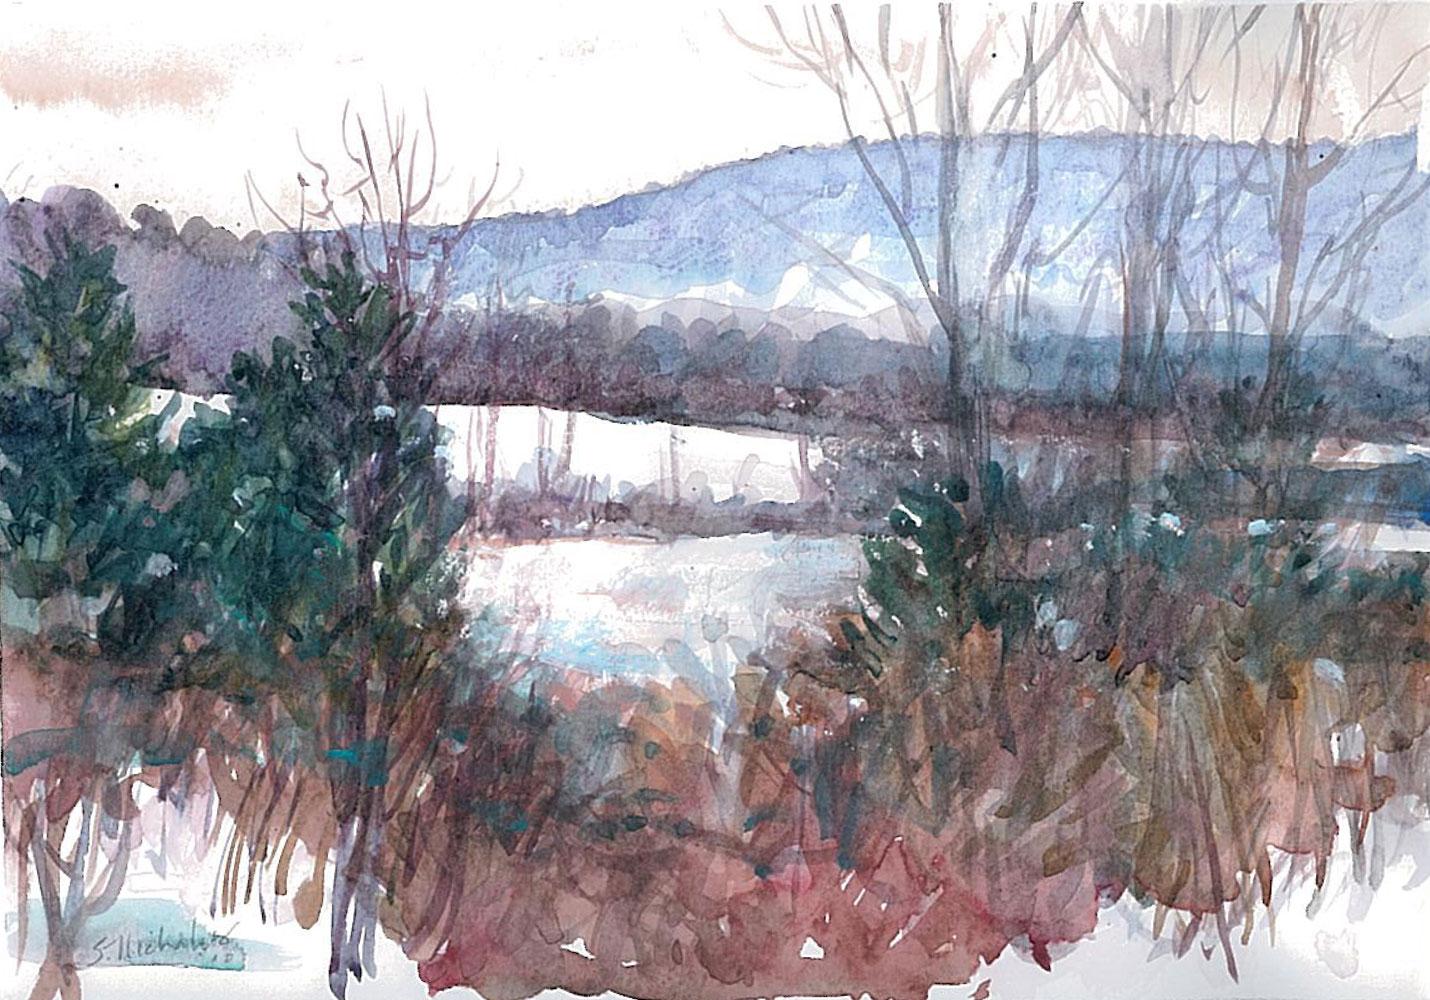 Tussey Mountain Snow View